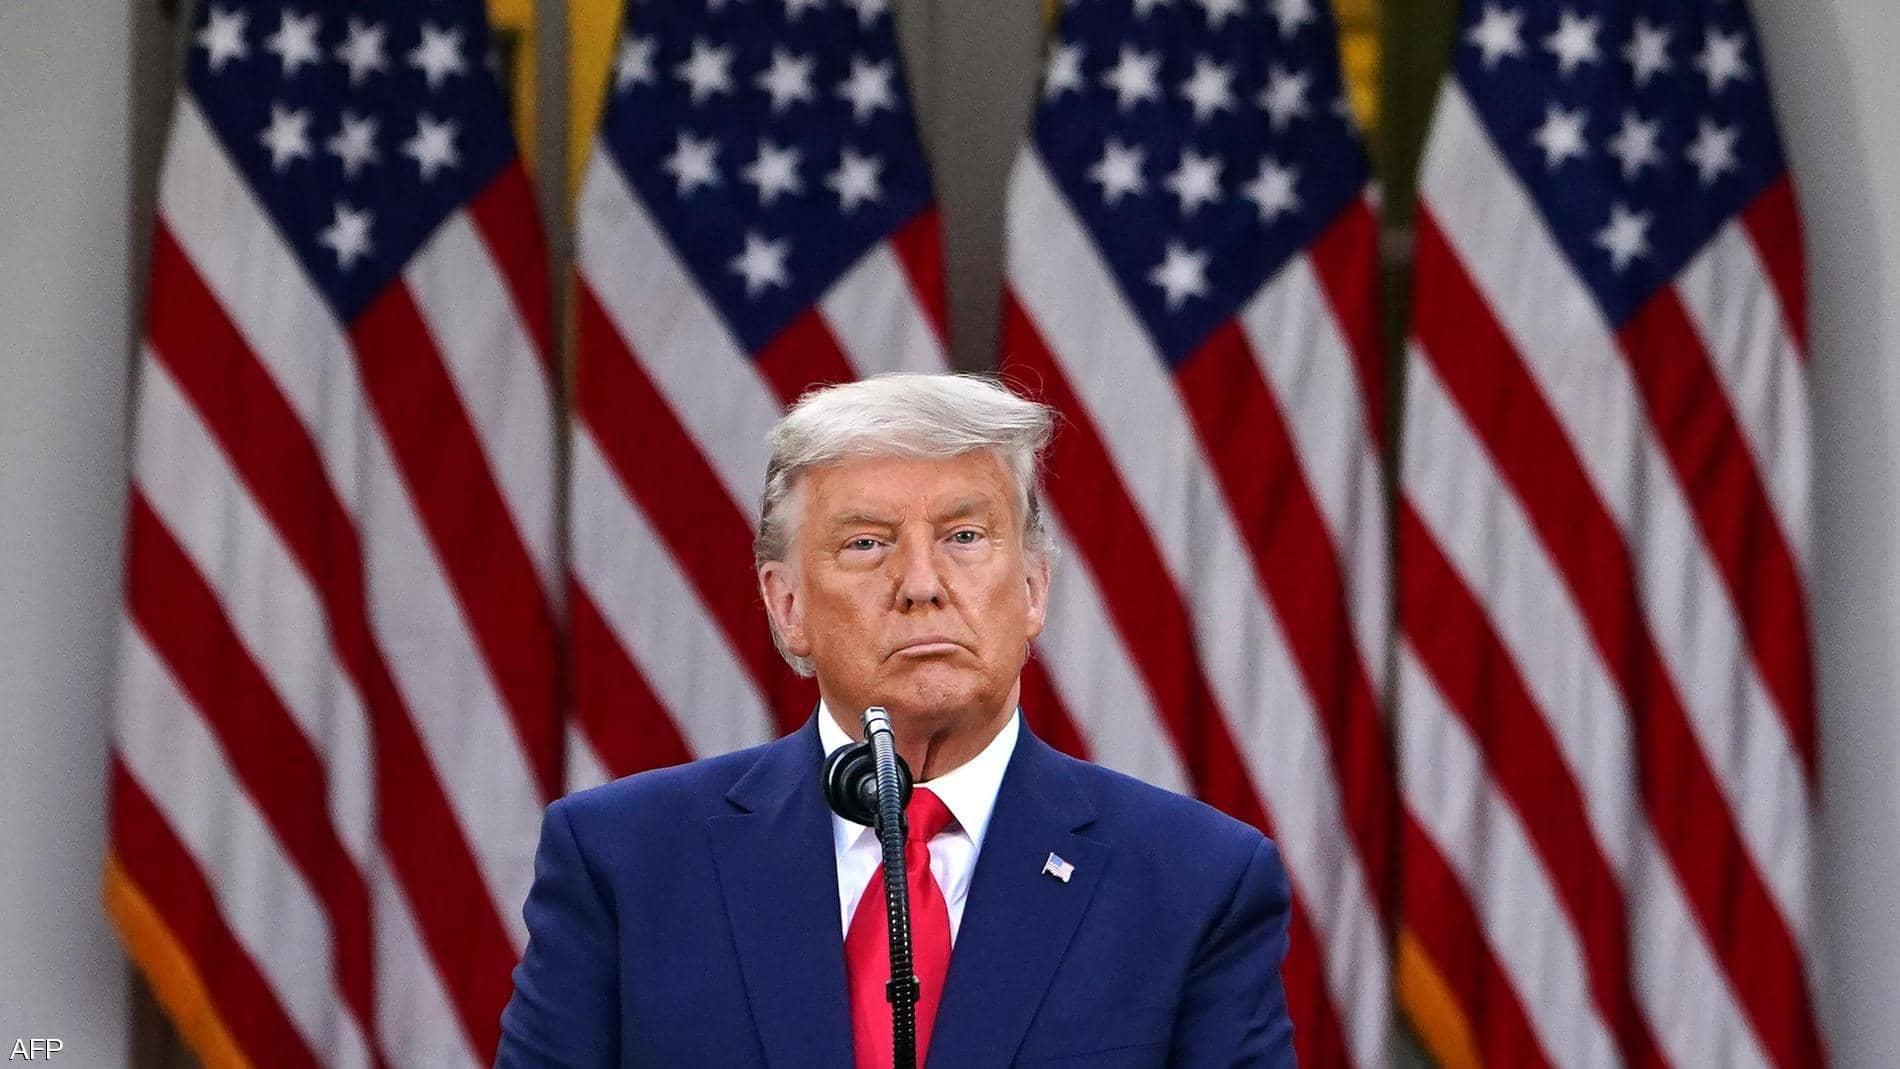 ترامب : أدعو جميع الأميركيين إلى المساعدة في تهدئة التوترات